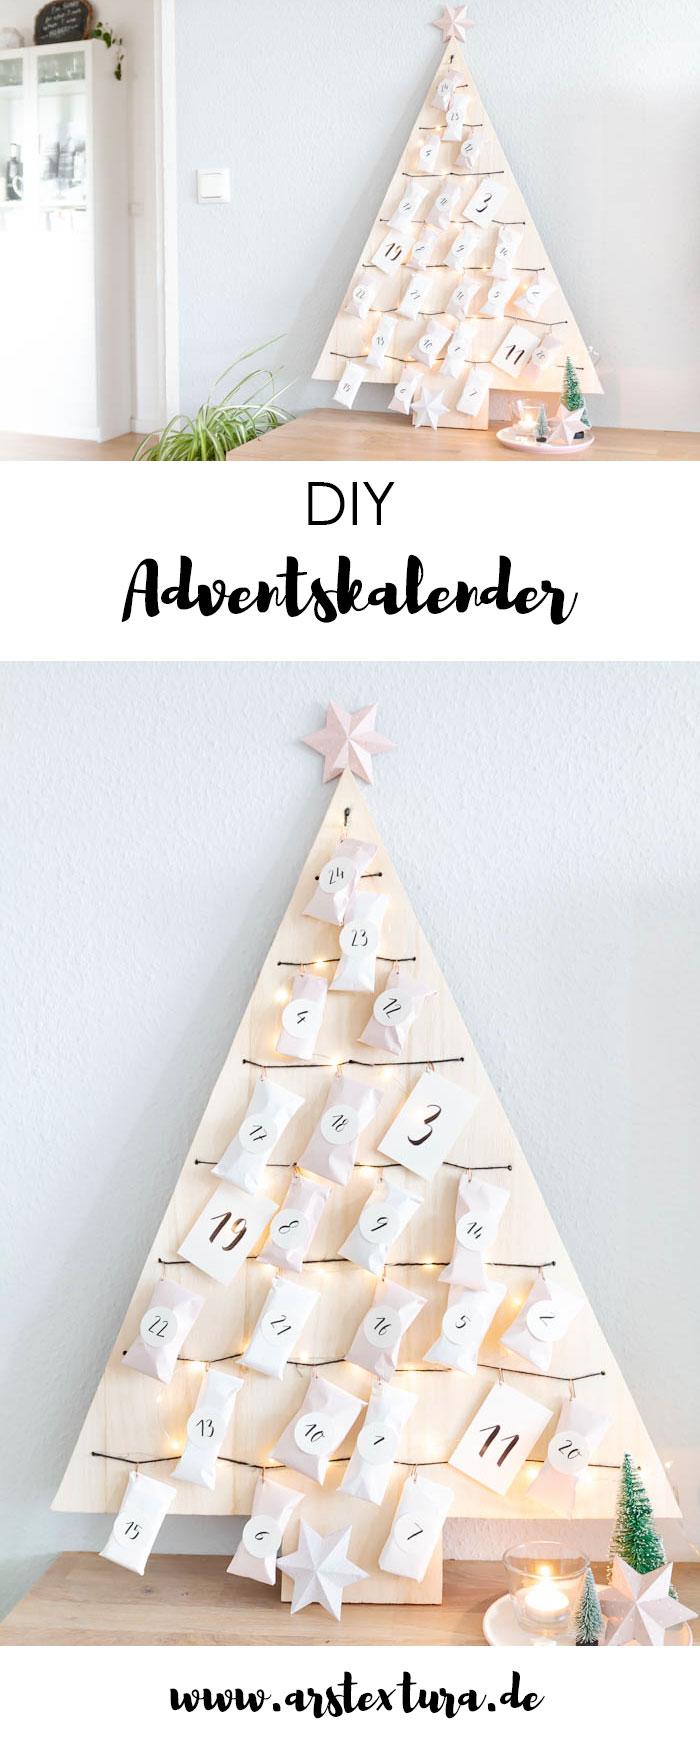 Adventskalender basteln - Weihnachtsbaum Adventskalender aus Holz